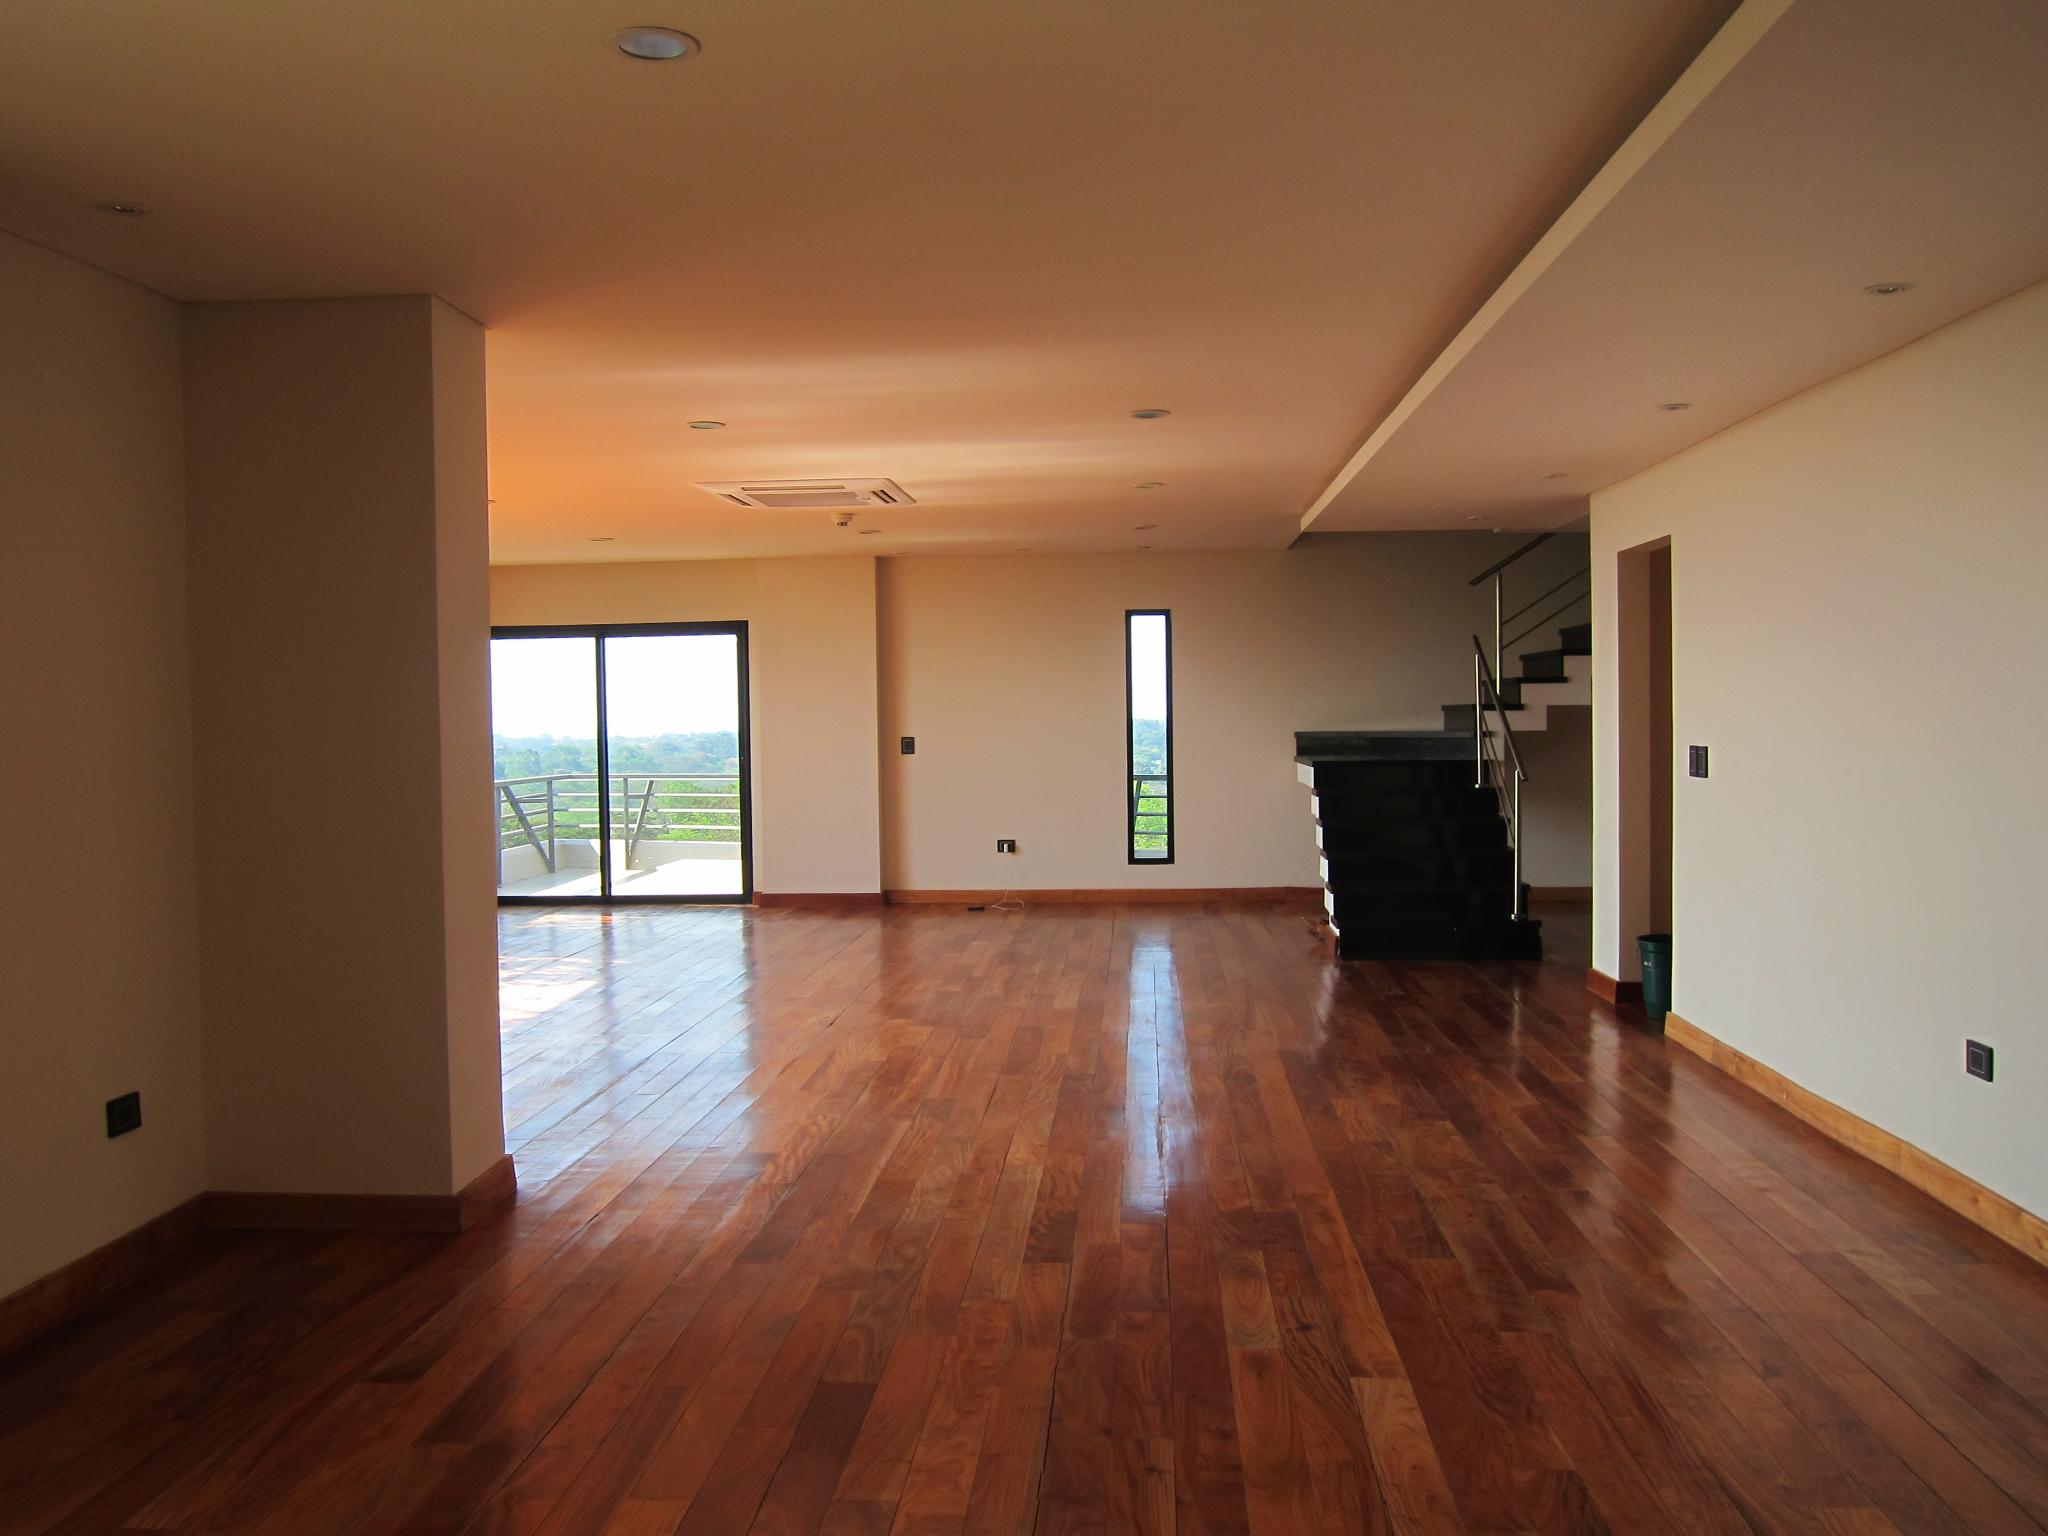 Alquilo O Vendo Departamento De 3 Dormitorios En Suite De 440 M2